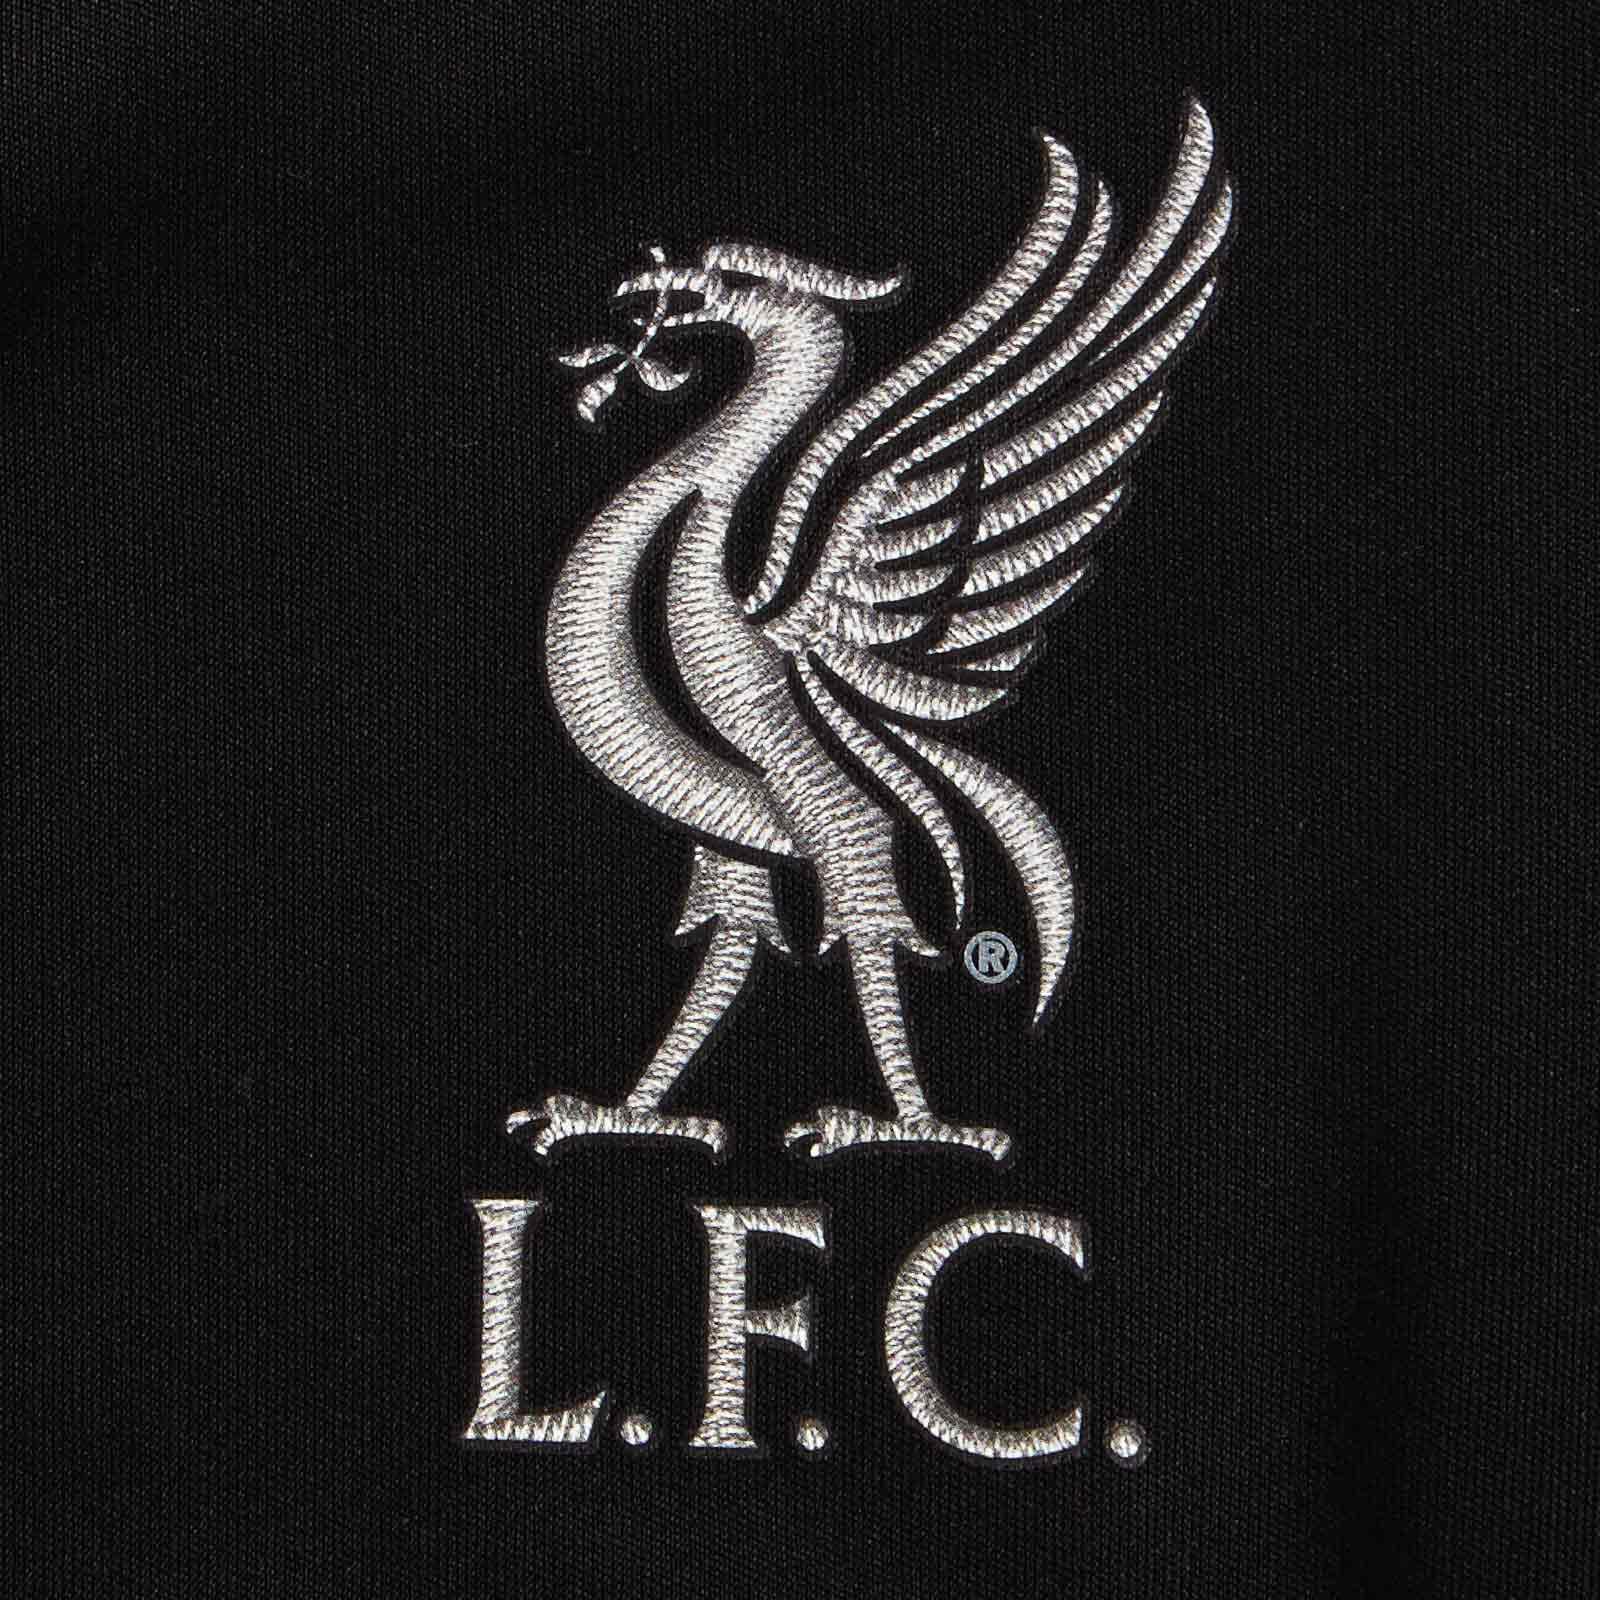 Le maillot extérieur de Liverpool dévoilé